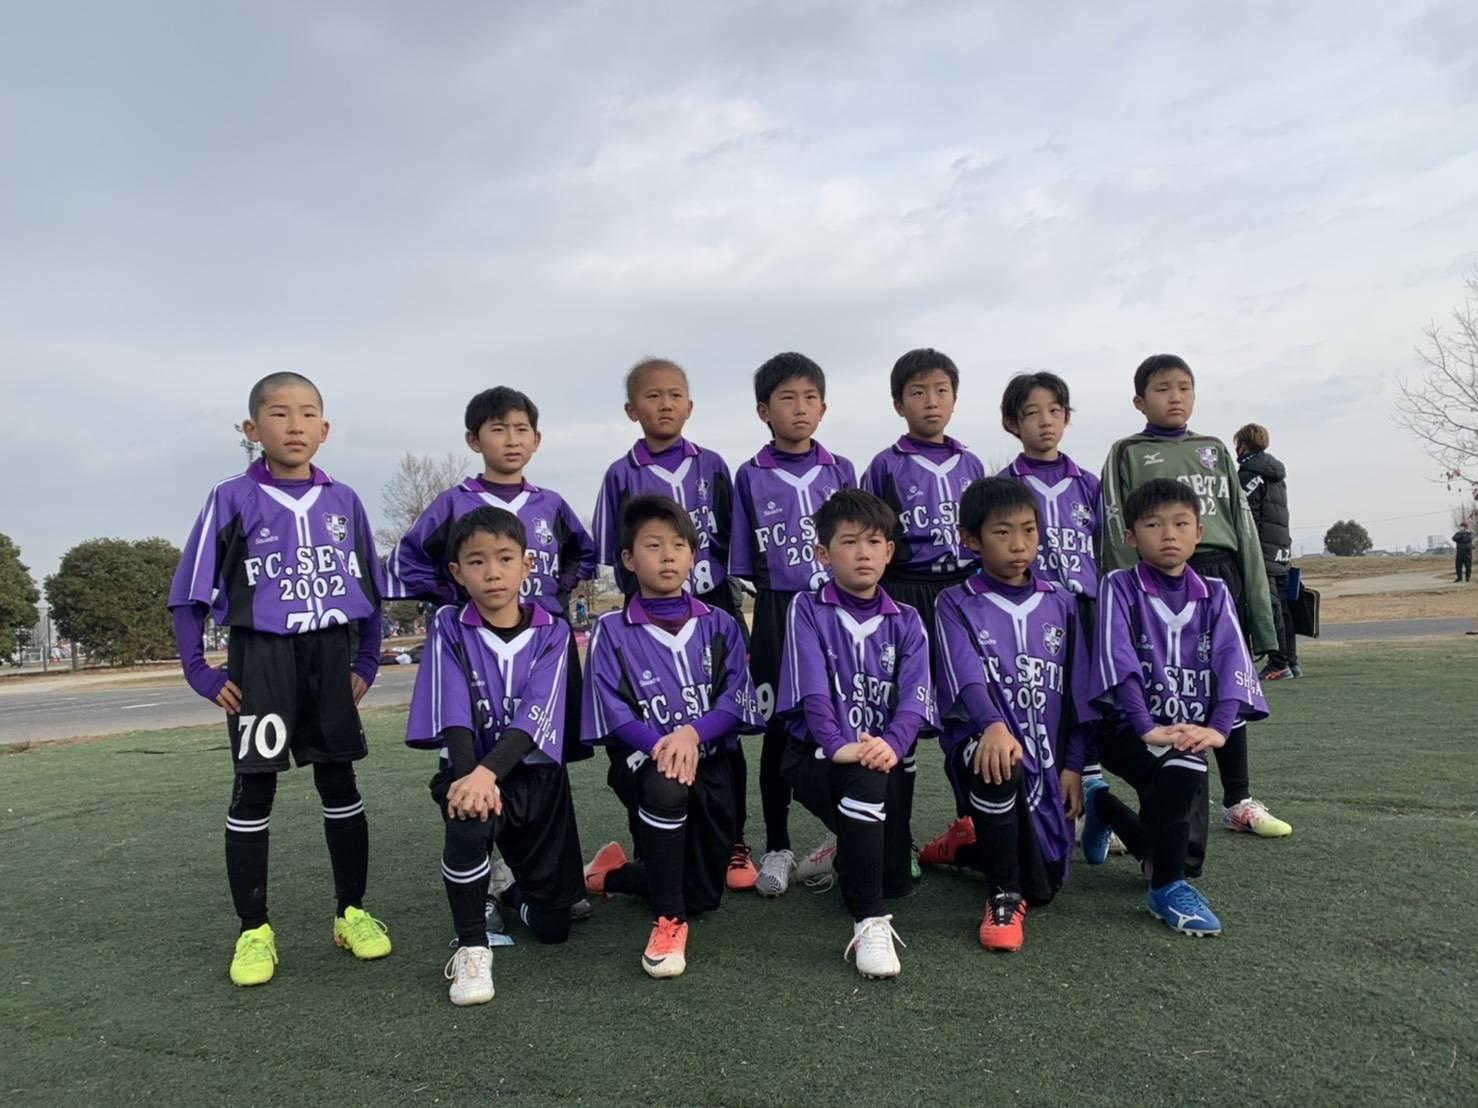 【U-10】第4回井原正巳杯少年サッカー大会1回戦